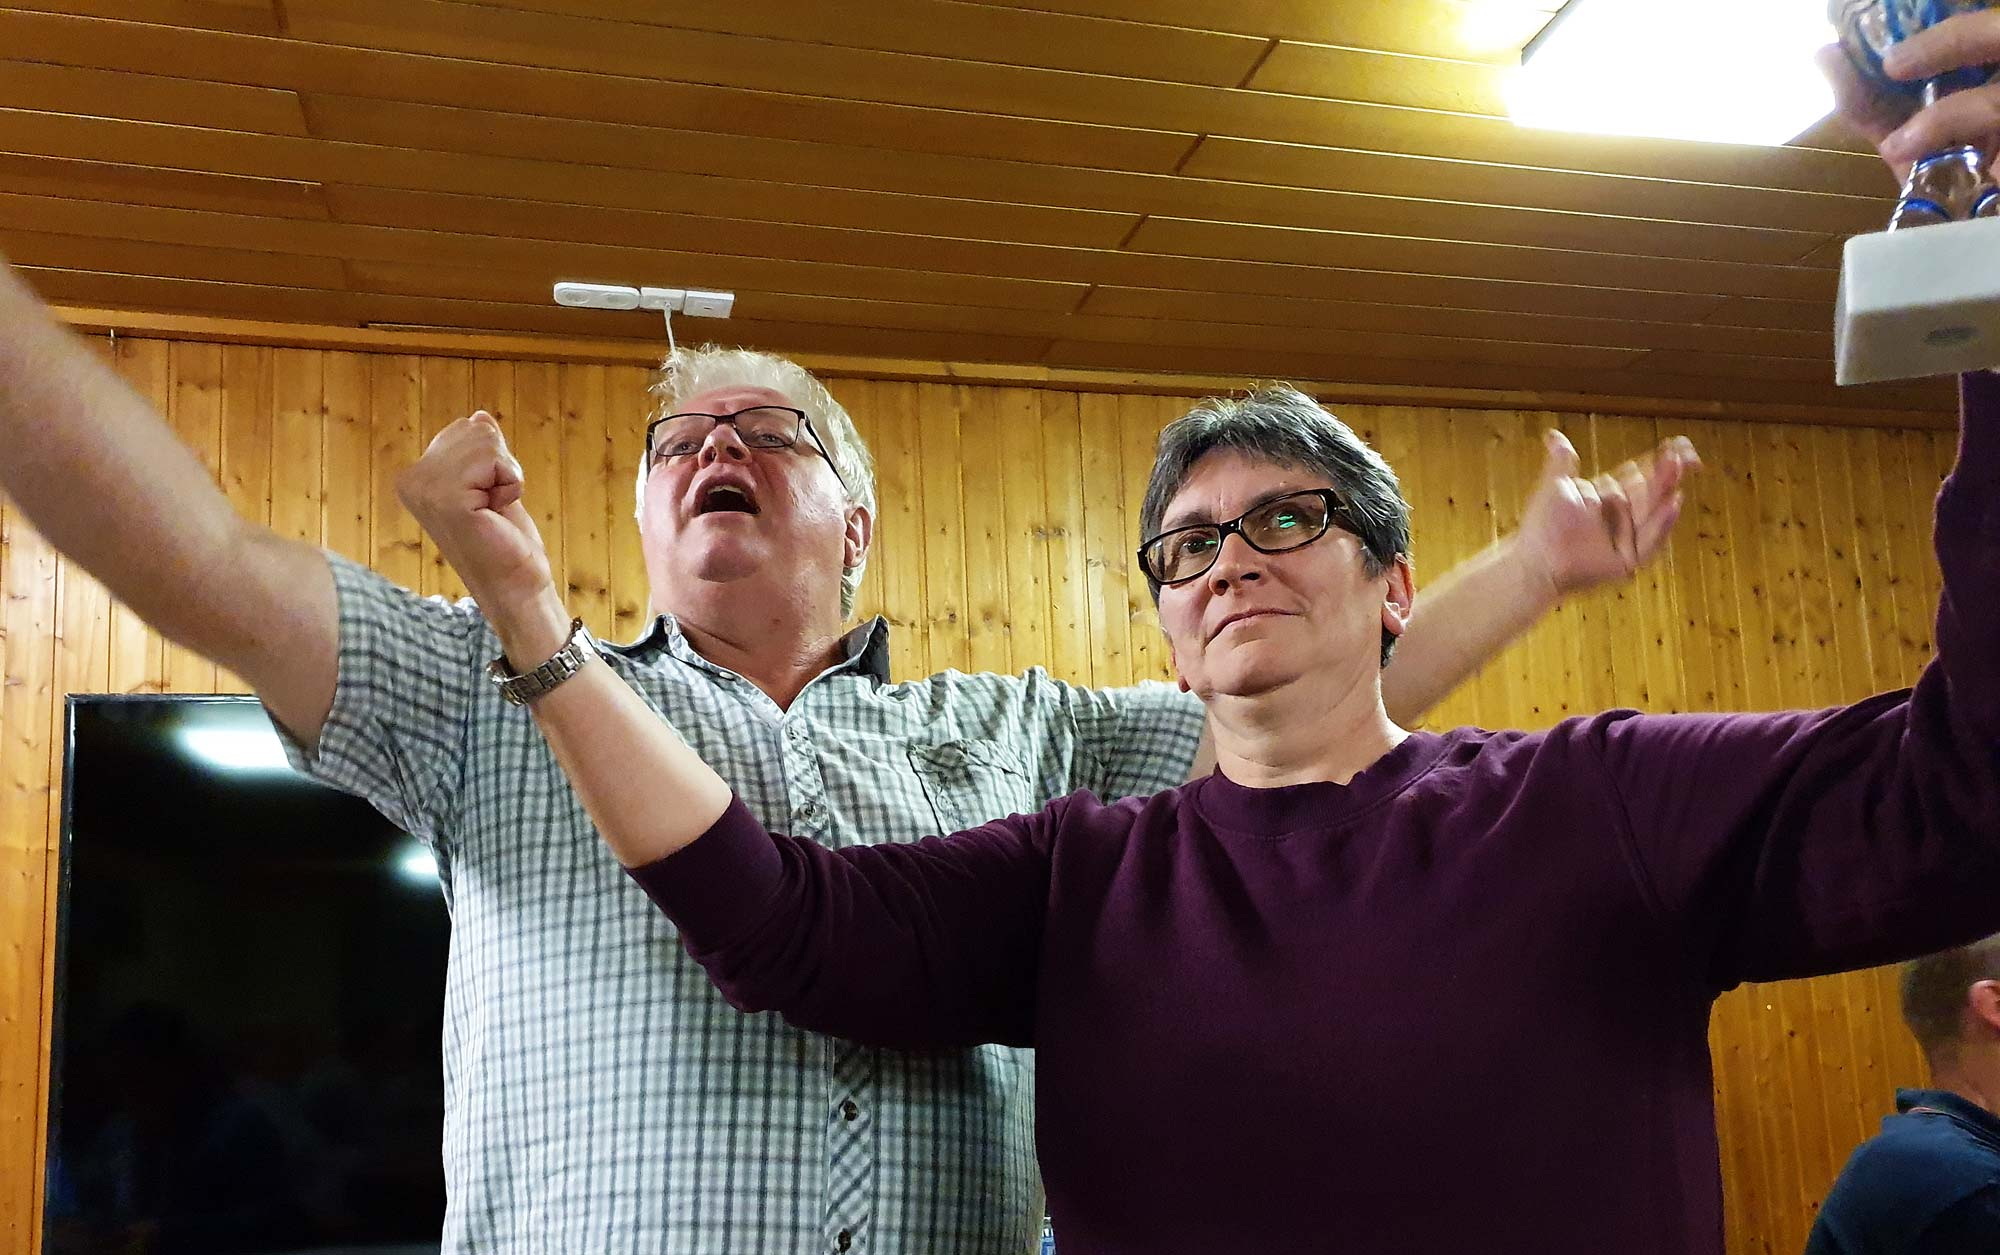 Ortsvereineschiessen 2019 in Geratshofen - Bester Teiler Sigrid Sailer